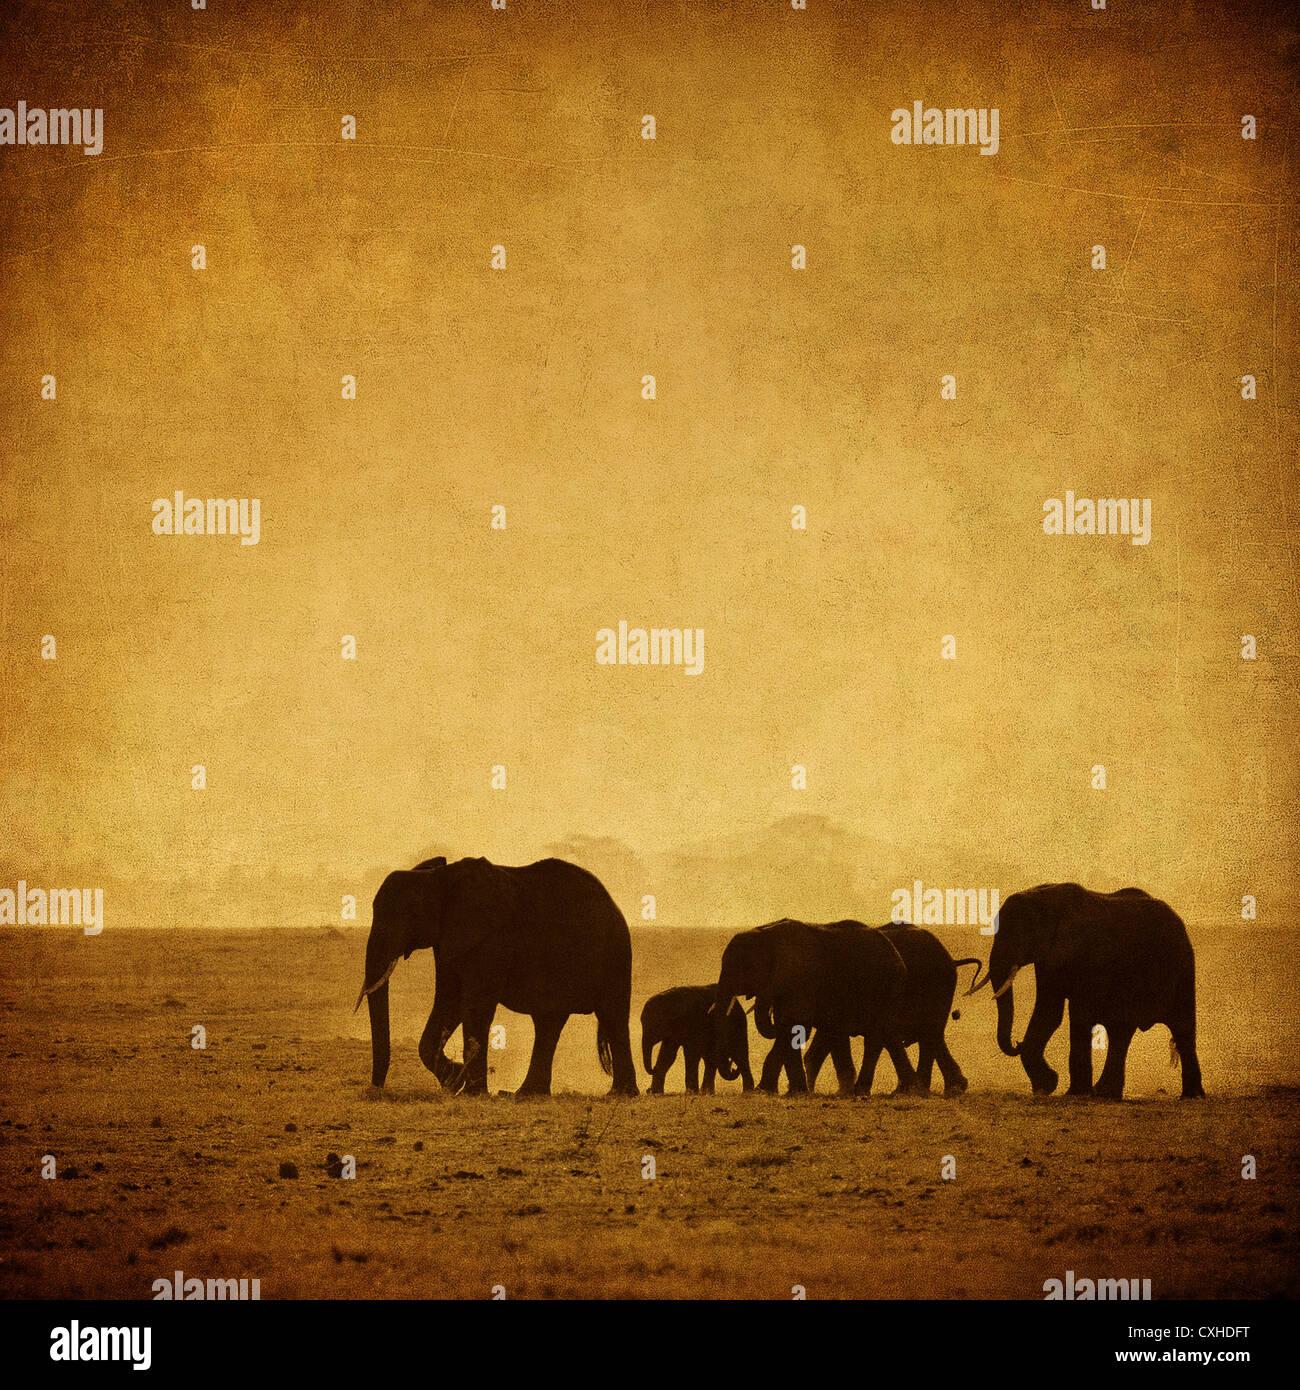 La familia de elefantes Imagen De Stock